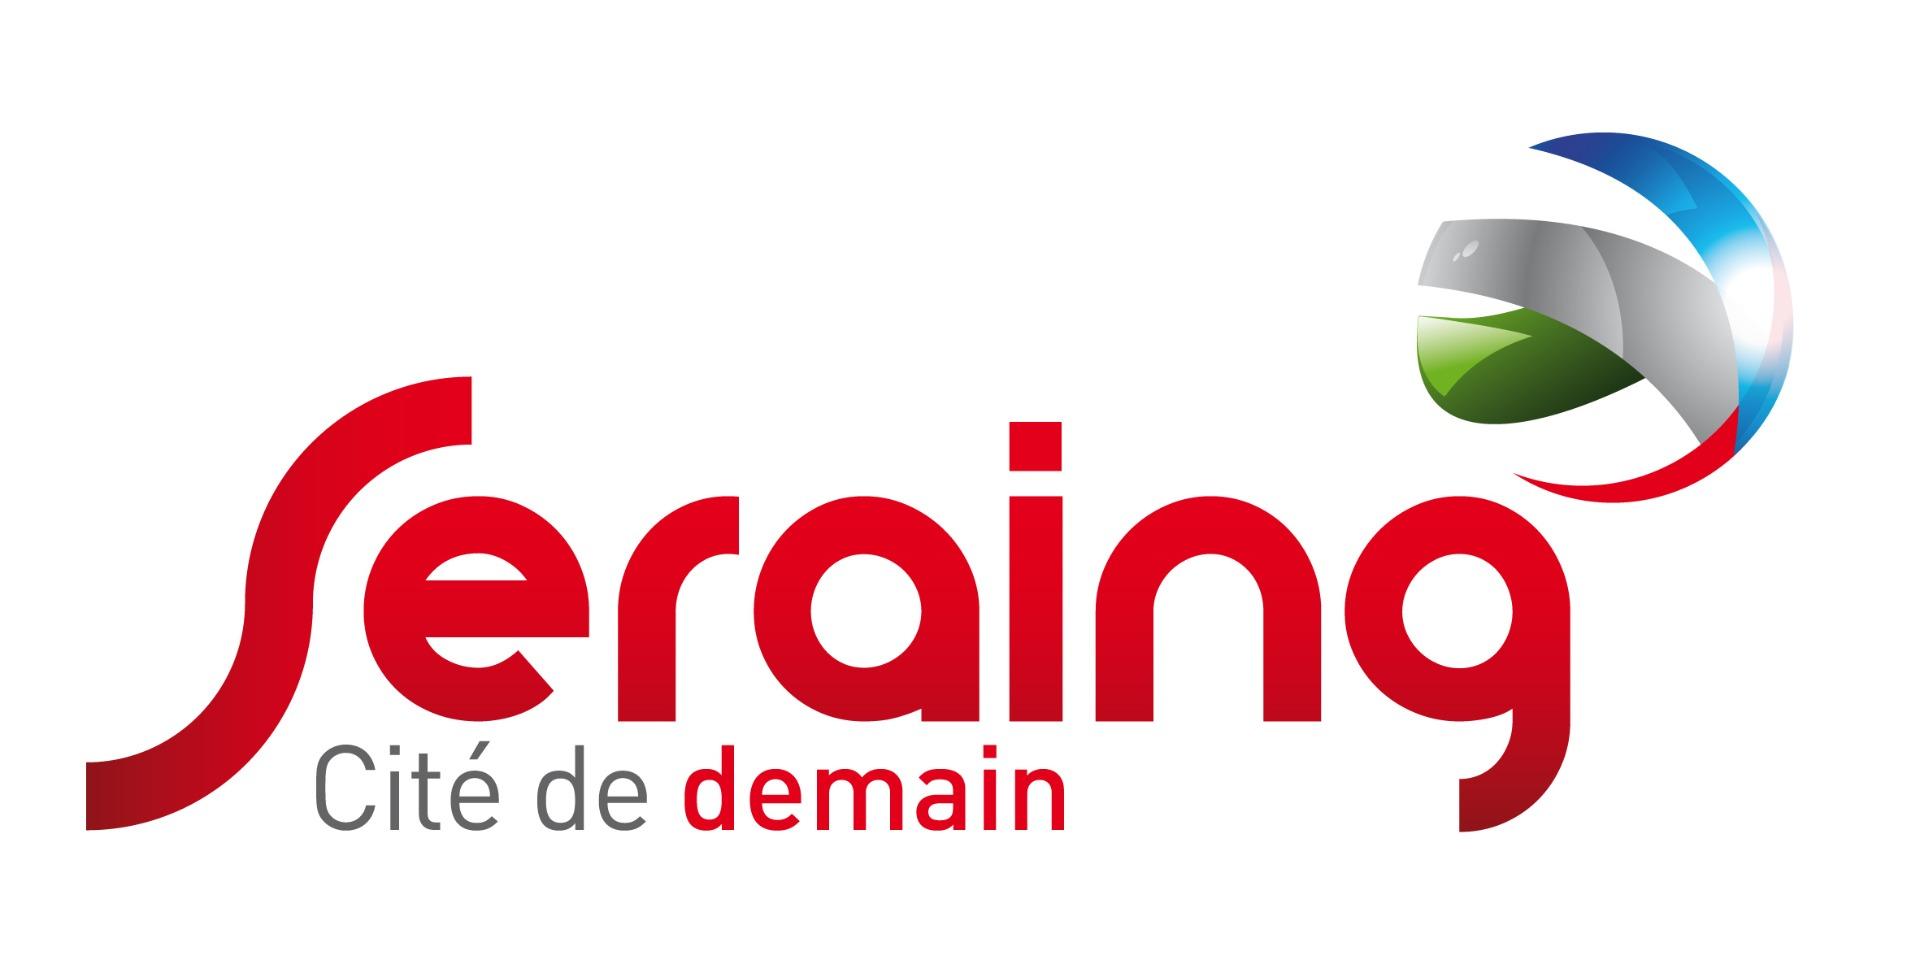 """Résultat de recherche d'images pour """"logo Seraing"""""""